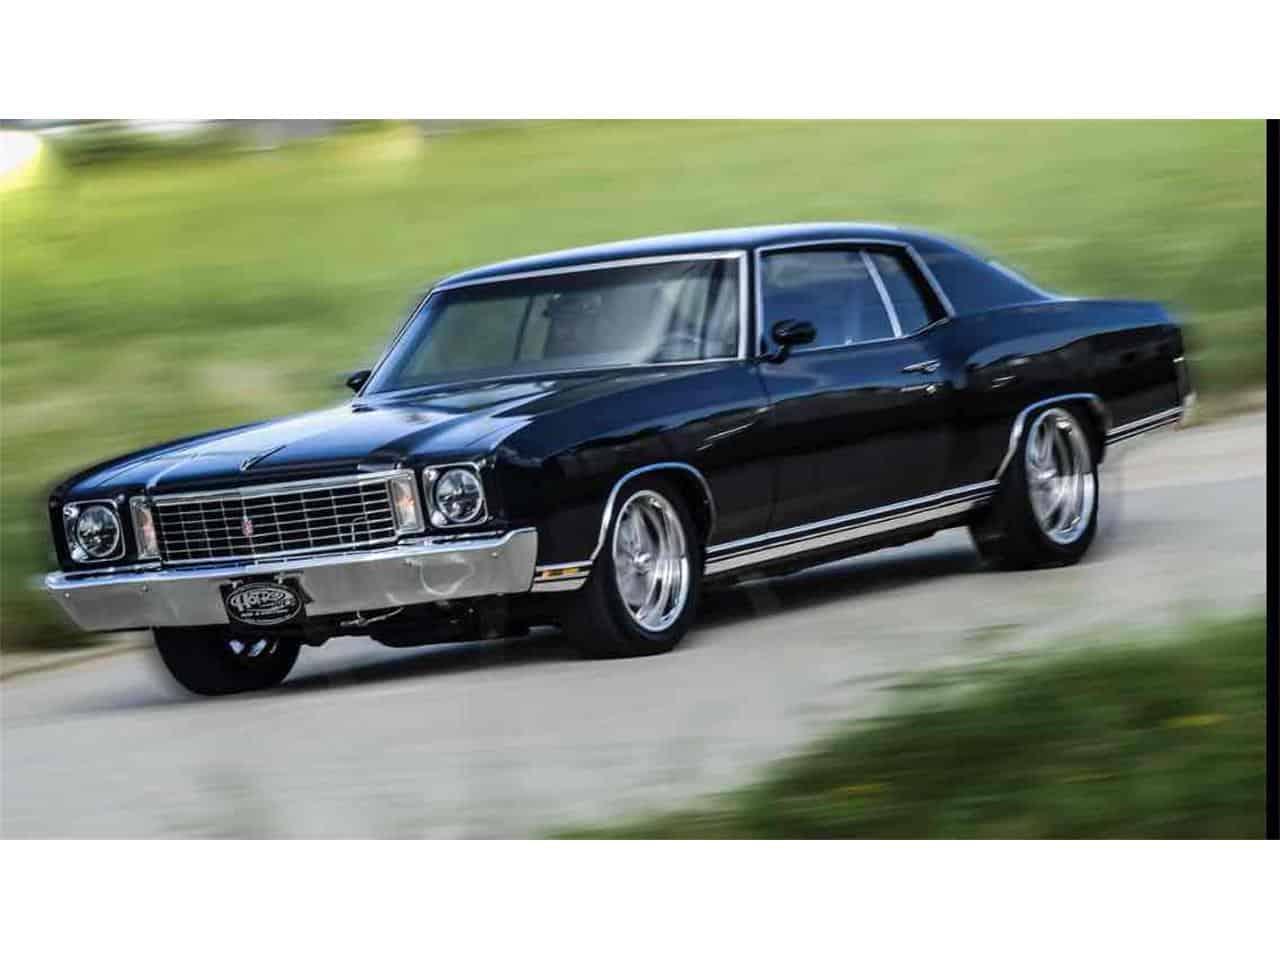 Kelebihan Chevrolet Monte Carlo Top Model Tahun Ini